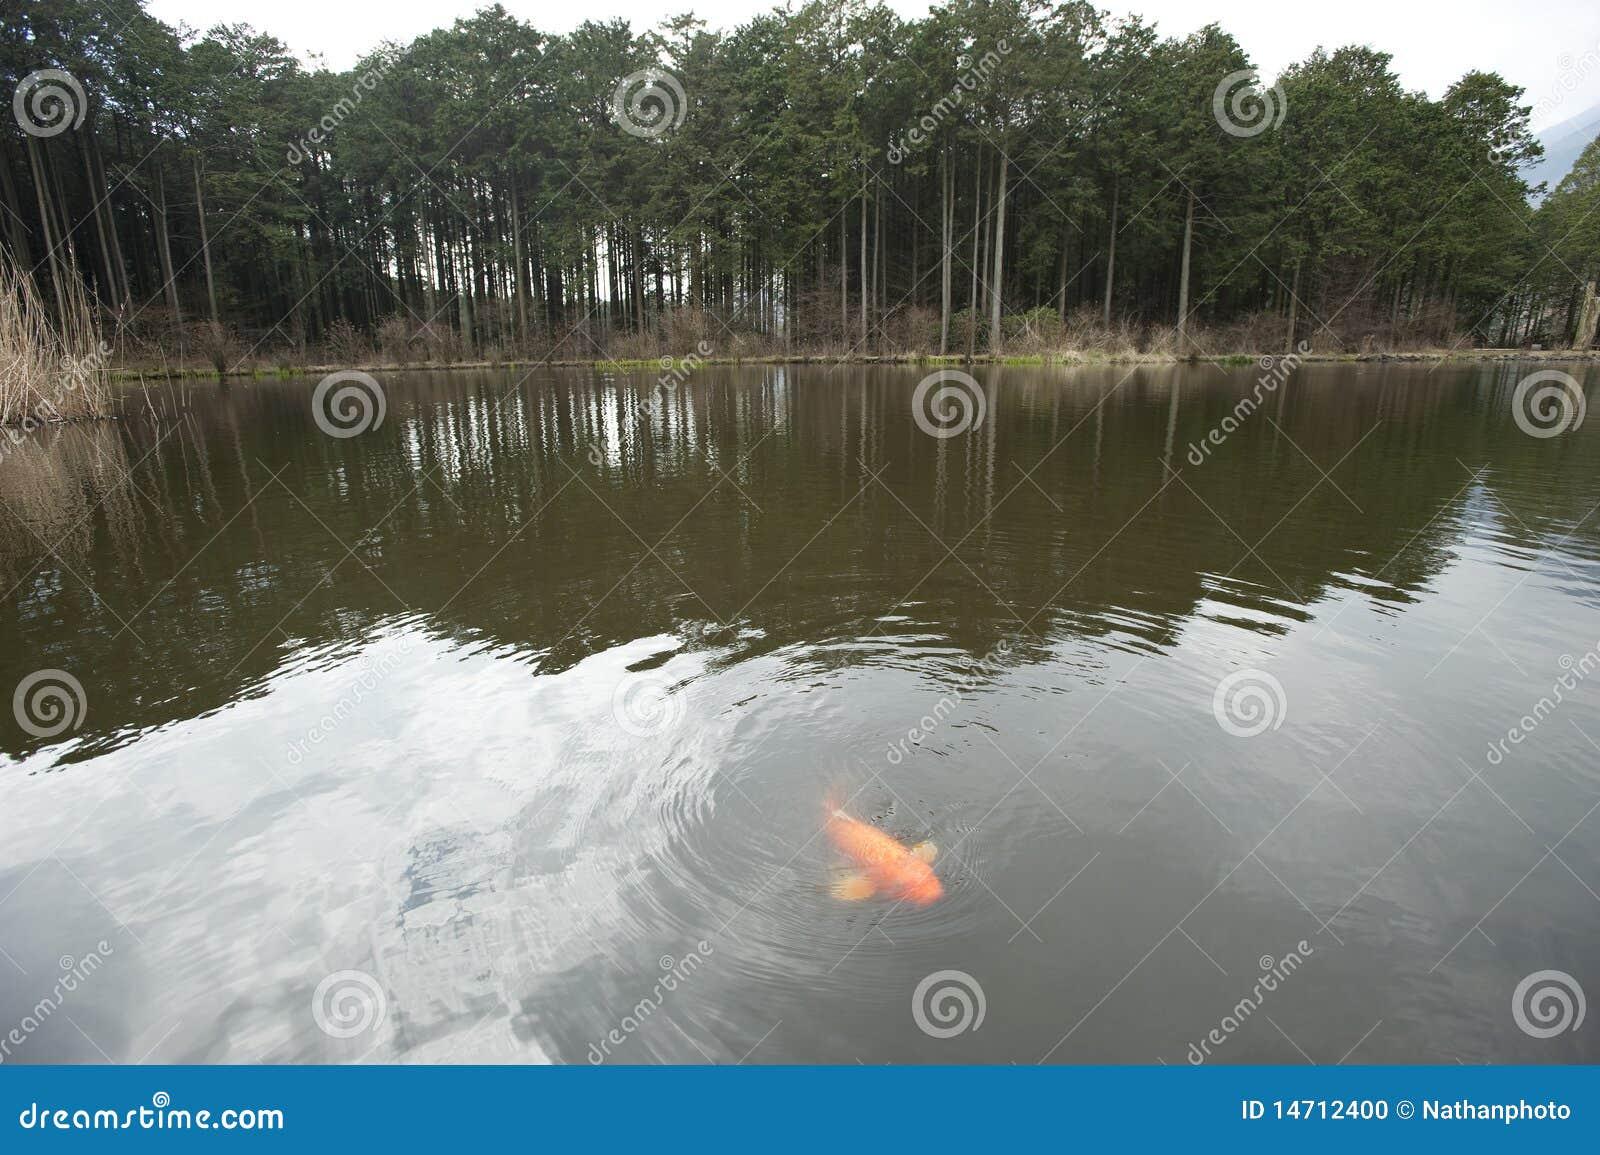 Koi pond with koi fish zen like stock photo image 14712400 for Koi pond zen